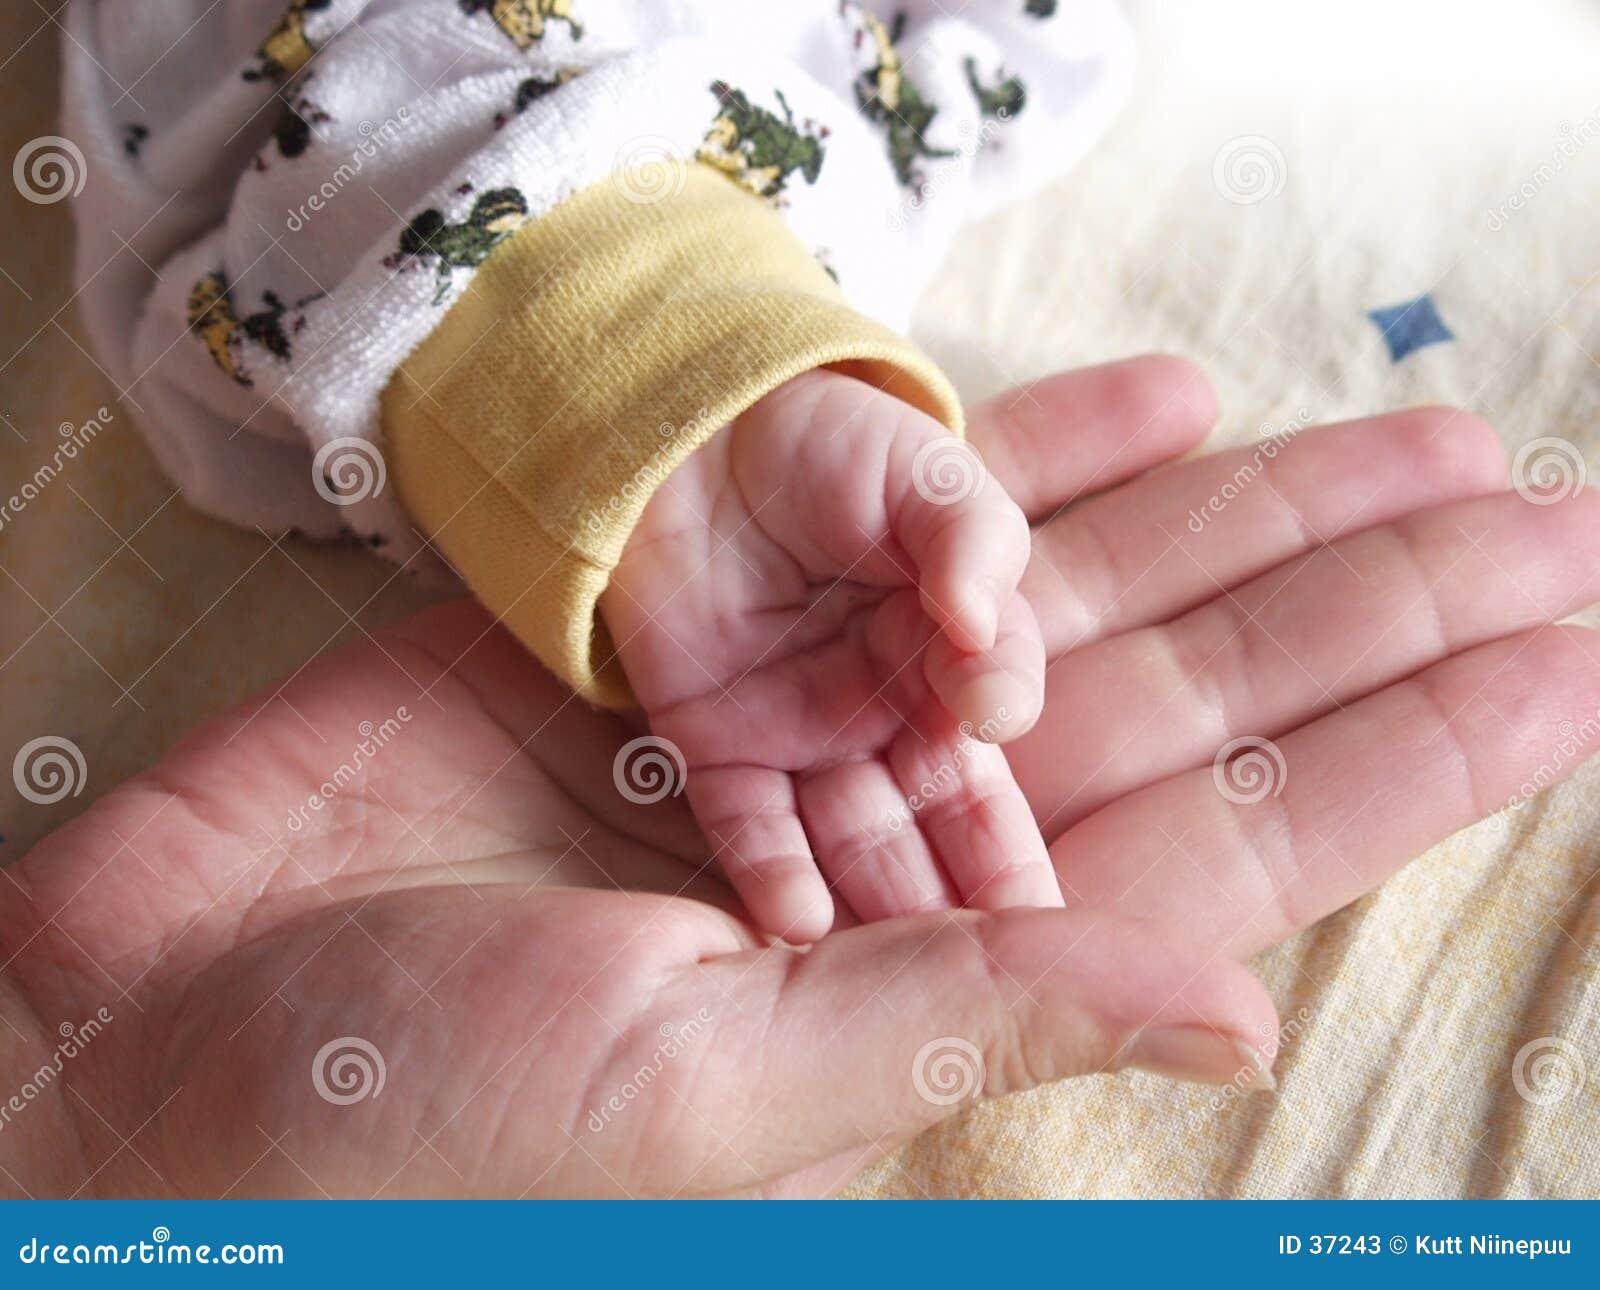 Download Wenig Hand, große Hand stockbild. Bild von compare, sozial - 37243